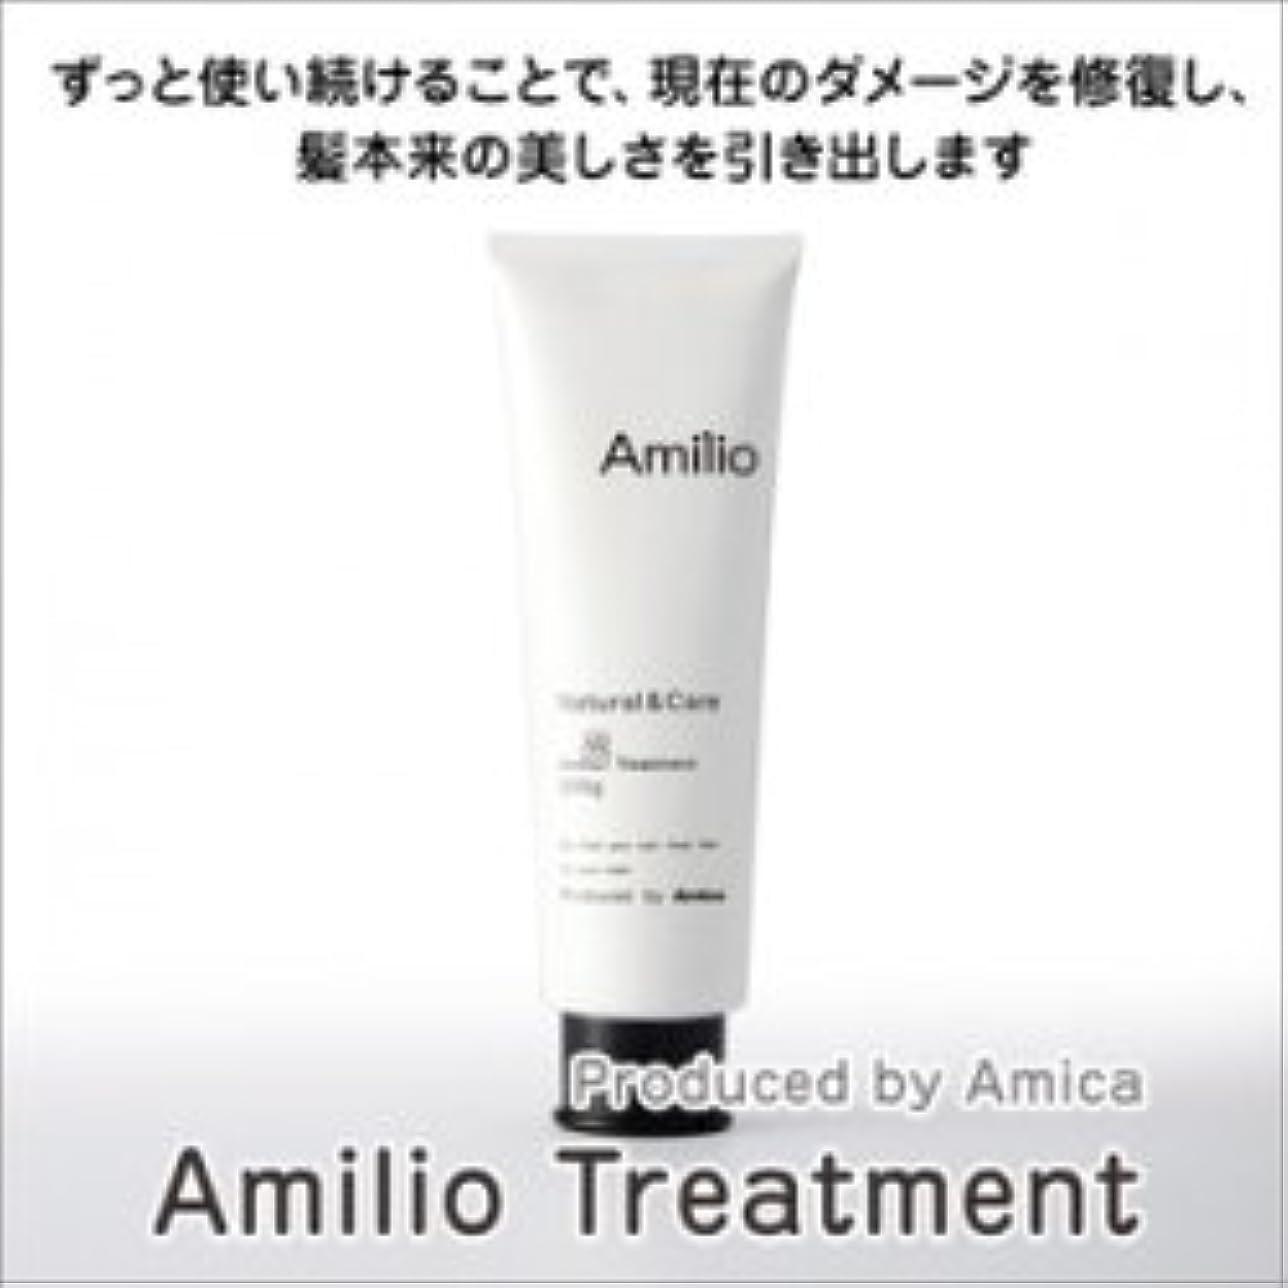 極めて重要な放射する一見【Amilio / アミリオール】 美容師がこだわってつくったトリートメント 200ml